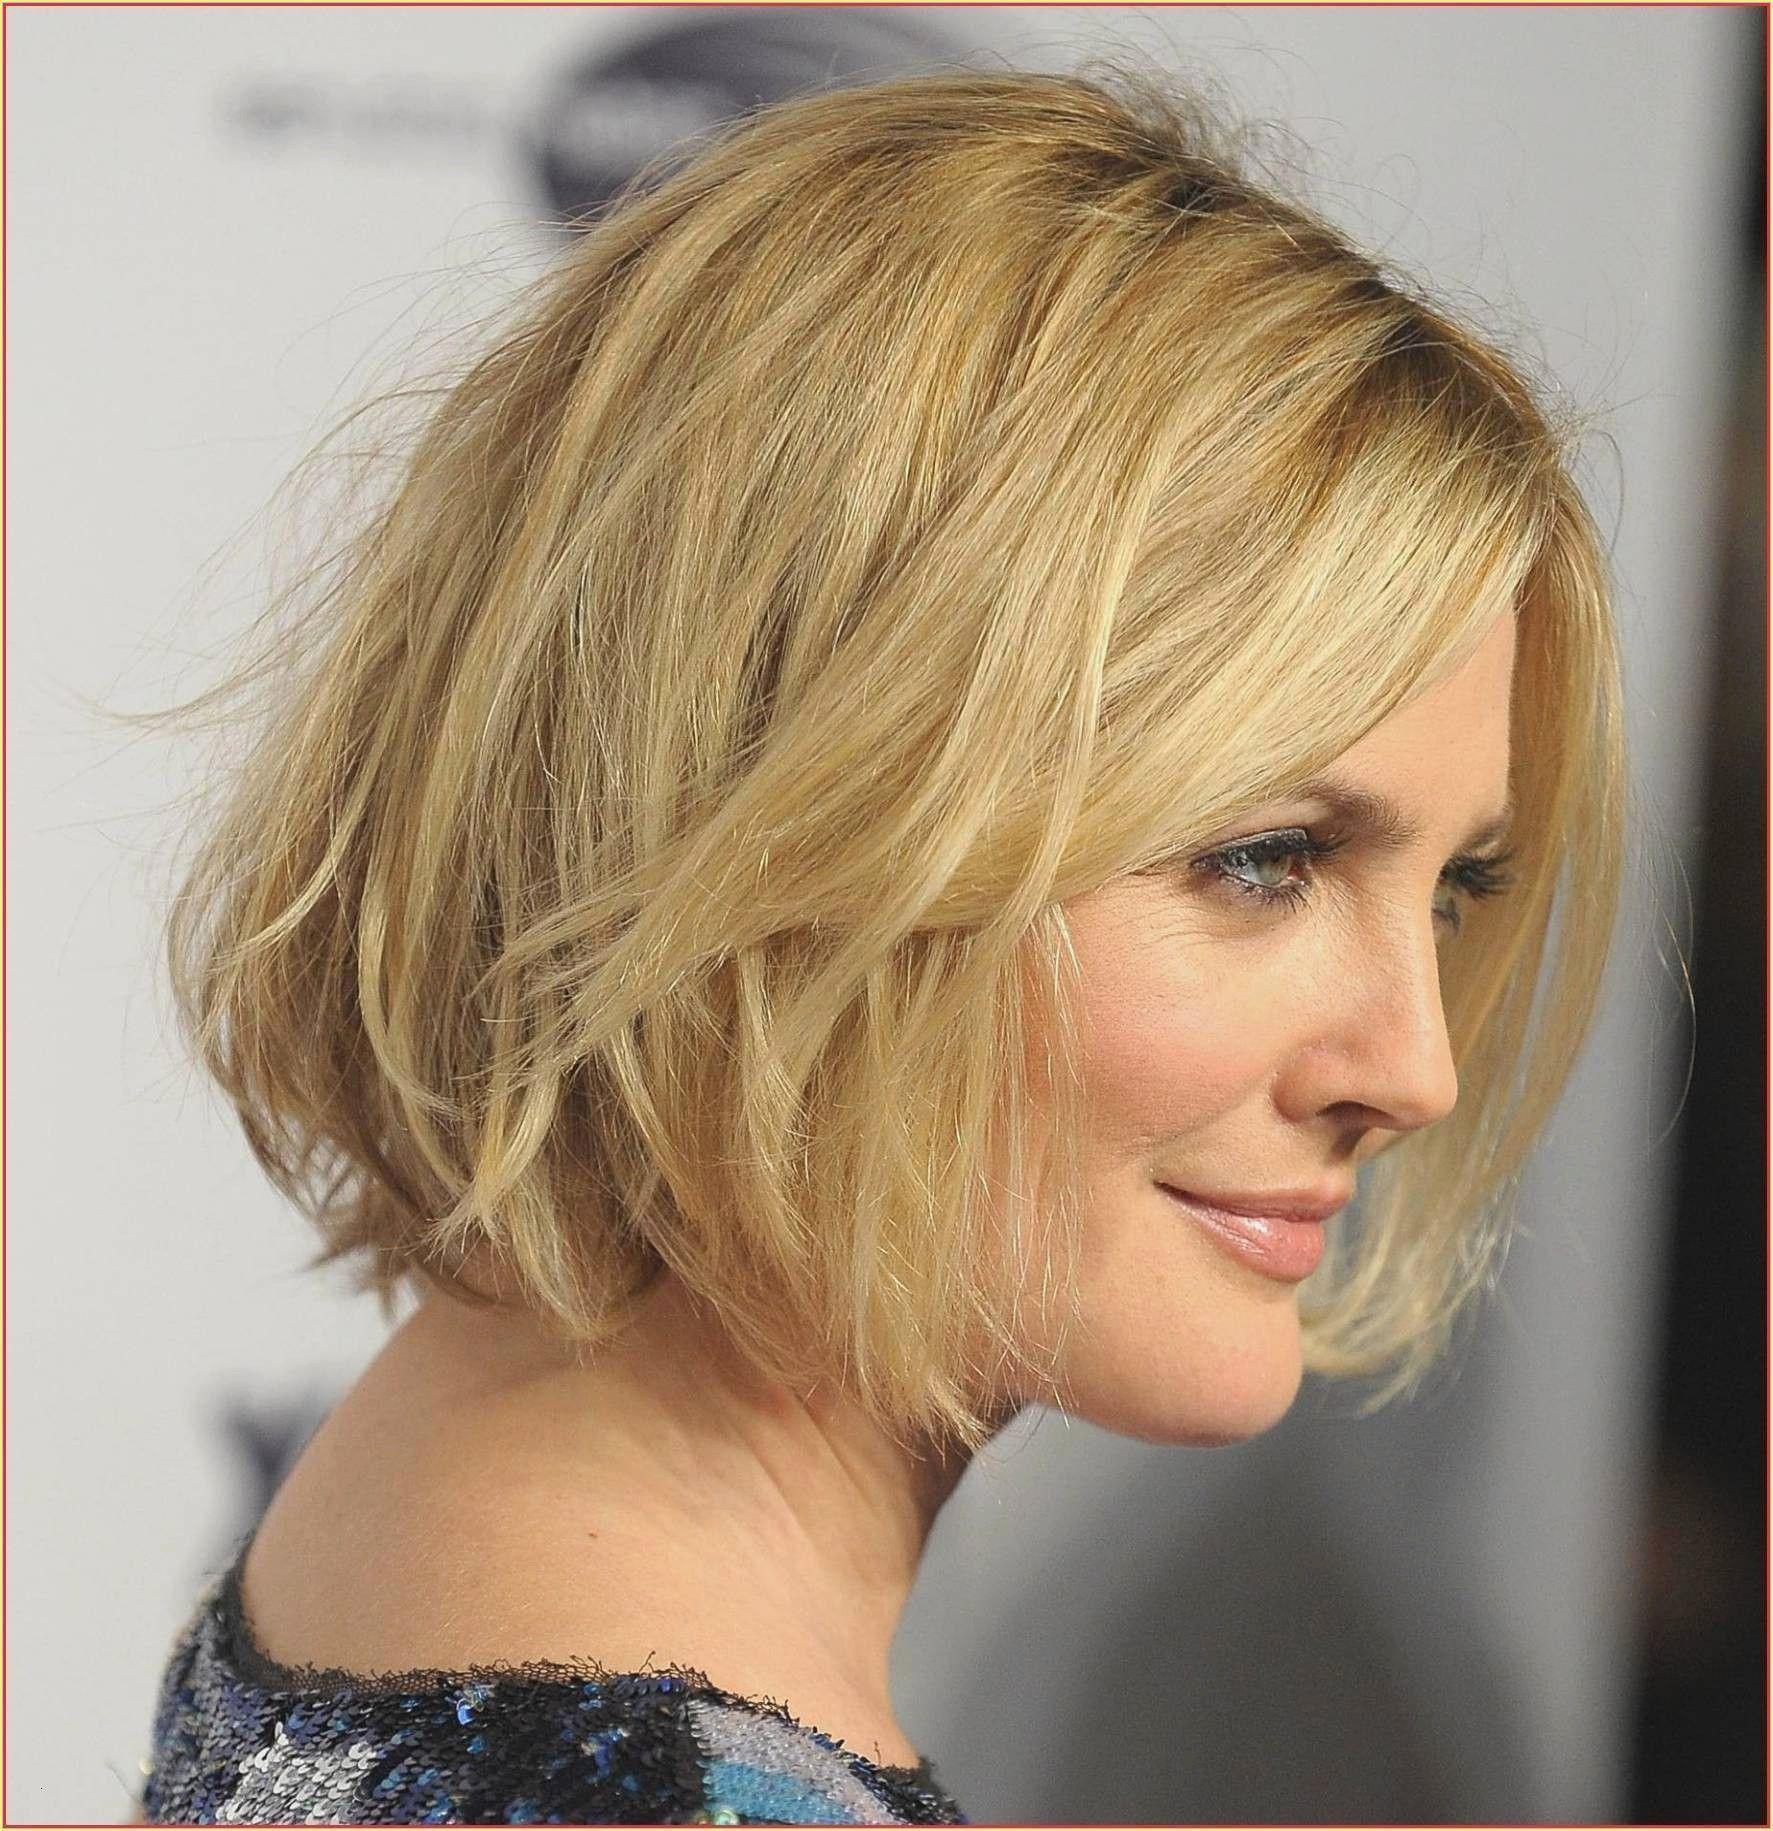 Haar Stufenschnitt Bob Frisuren Gestuft Ab 50 Frisuren Blonde Halblange Haare St Haar Stufens In 2020 Bob Frisur Leichte Frisuren Lange Haare Langhaarfrisuren